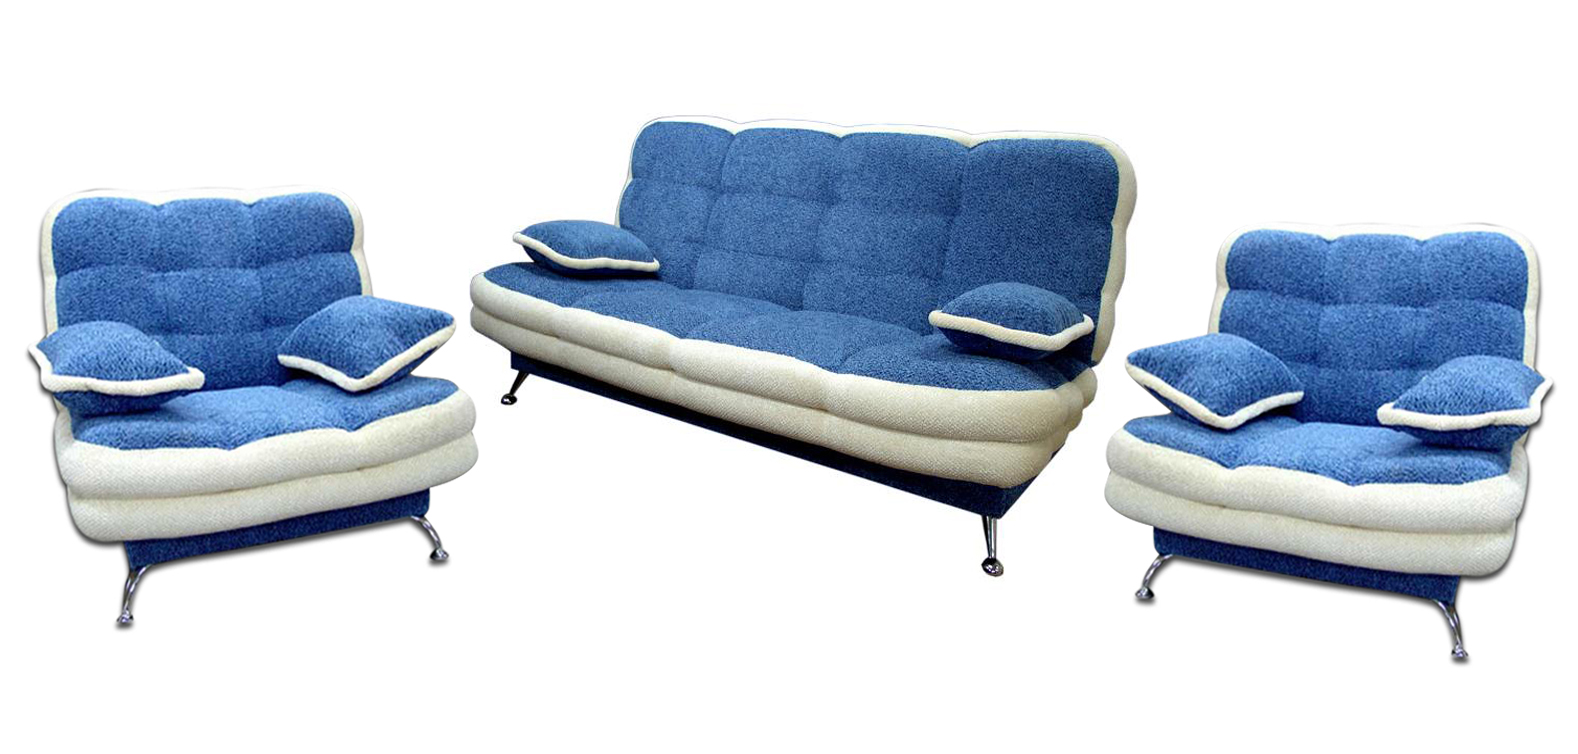 Комплект мягкой мебели Вента-1 3+1+1Комплекты мягкой мебели<br>Размер: диван: 210х100 (сп. м. 145х210); кресло: 110х110<br><br>Механизм: Книжка<br>Материалы: Массив сосны, высокопрочная фанера<br>Каркас: Деревянный<br>Полный размер (ДхГхВ): 210х100х100<br>Спальное место: 145х210<br>Размер кресла: 110х110<br>Наполнитель: ППУ высокой плотности (Пенополиуретан)<br>Комплектация: Ящик для белья, декоративные подушки<br>Примечание: Стоимость указана по минимальной категории ткани<br>Изготовление и доставка: 8-10 дней<br>Условия доставки: Бесплатная по Москве до подъезда<br>Условие оплаты: Оплата наличными при получении товара<br>Доставка по МО (за пределами МКАД): 30 руб./км<br>Доставка в пределах ТТК: Доставка в центр Москвы осуществляется ночью, с 22.00 до 6.00 утра<br>Подъем на грузовом лифте: 1100 руб.<br>Подъем без лифта: 550 руб./этаж<br>Сборка: 600 руб.<br>Гарантия: 12 месяцев<br>Производство: Россия<br>Производитель: Утин